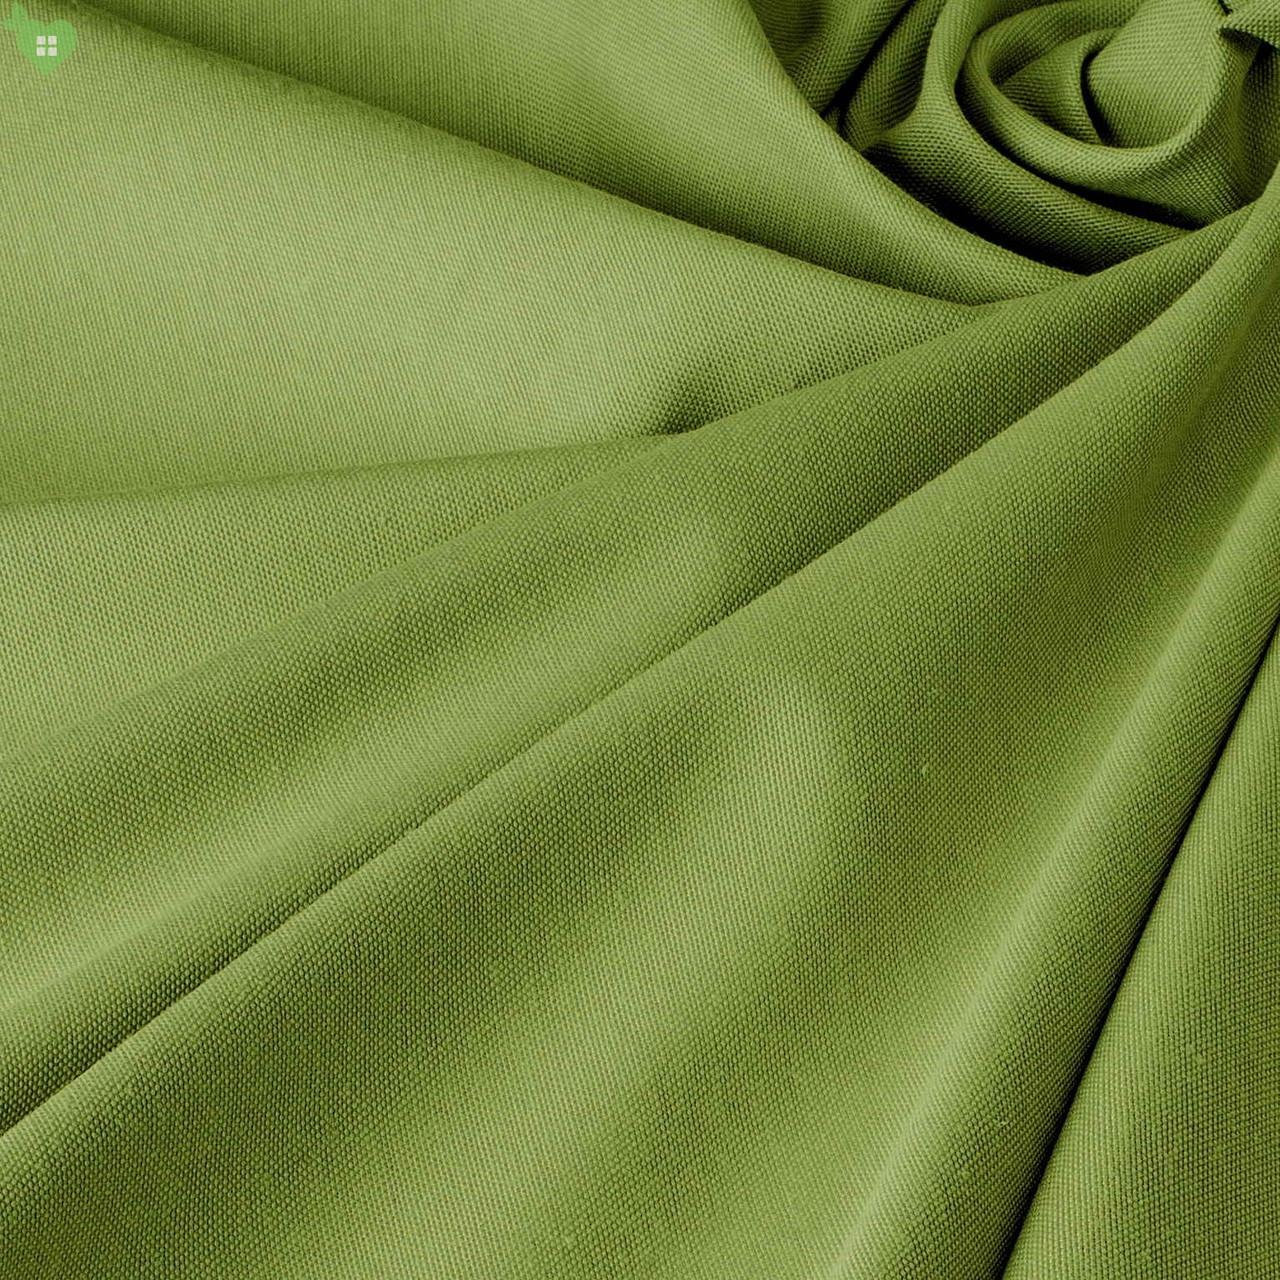 Однотонная декоративная ткань болотного цвета с тефлоном DRY-81129